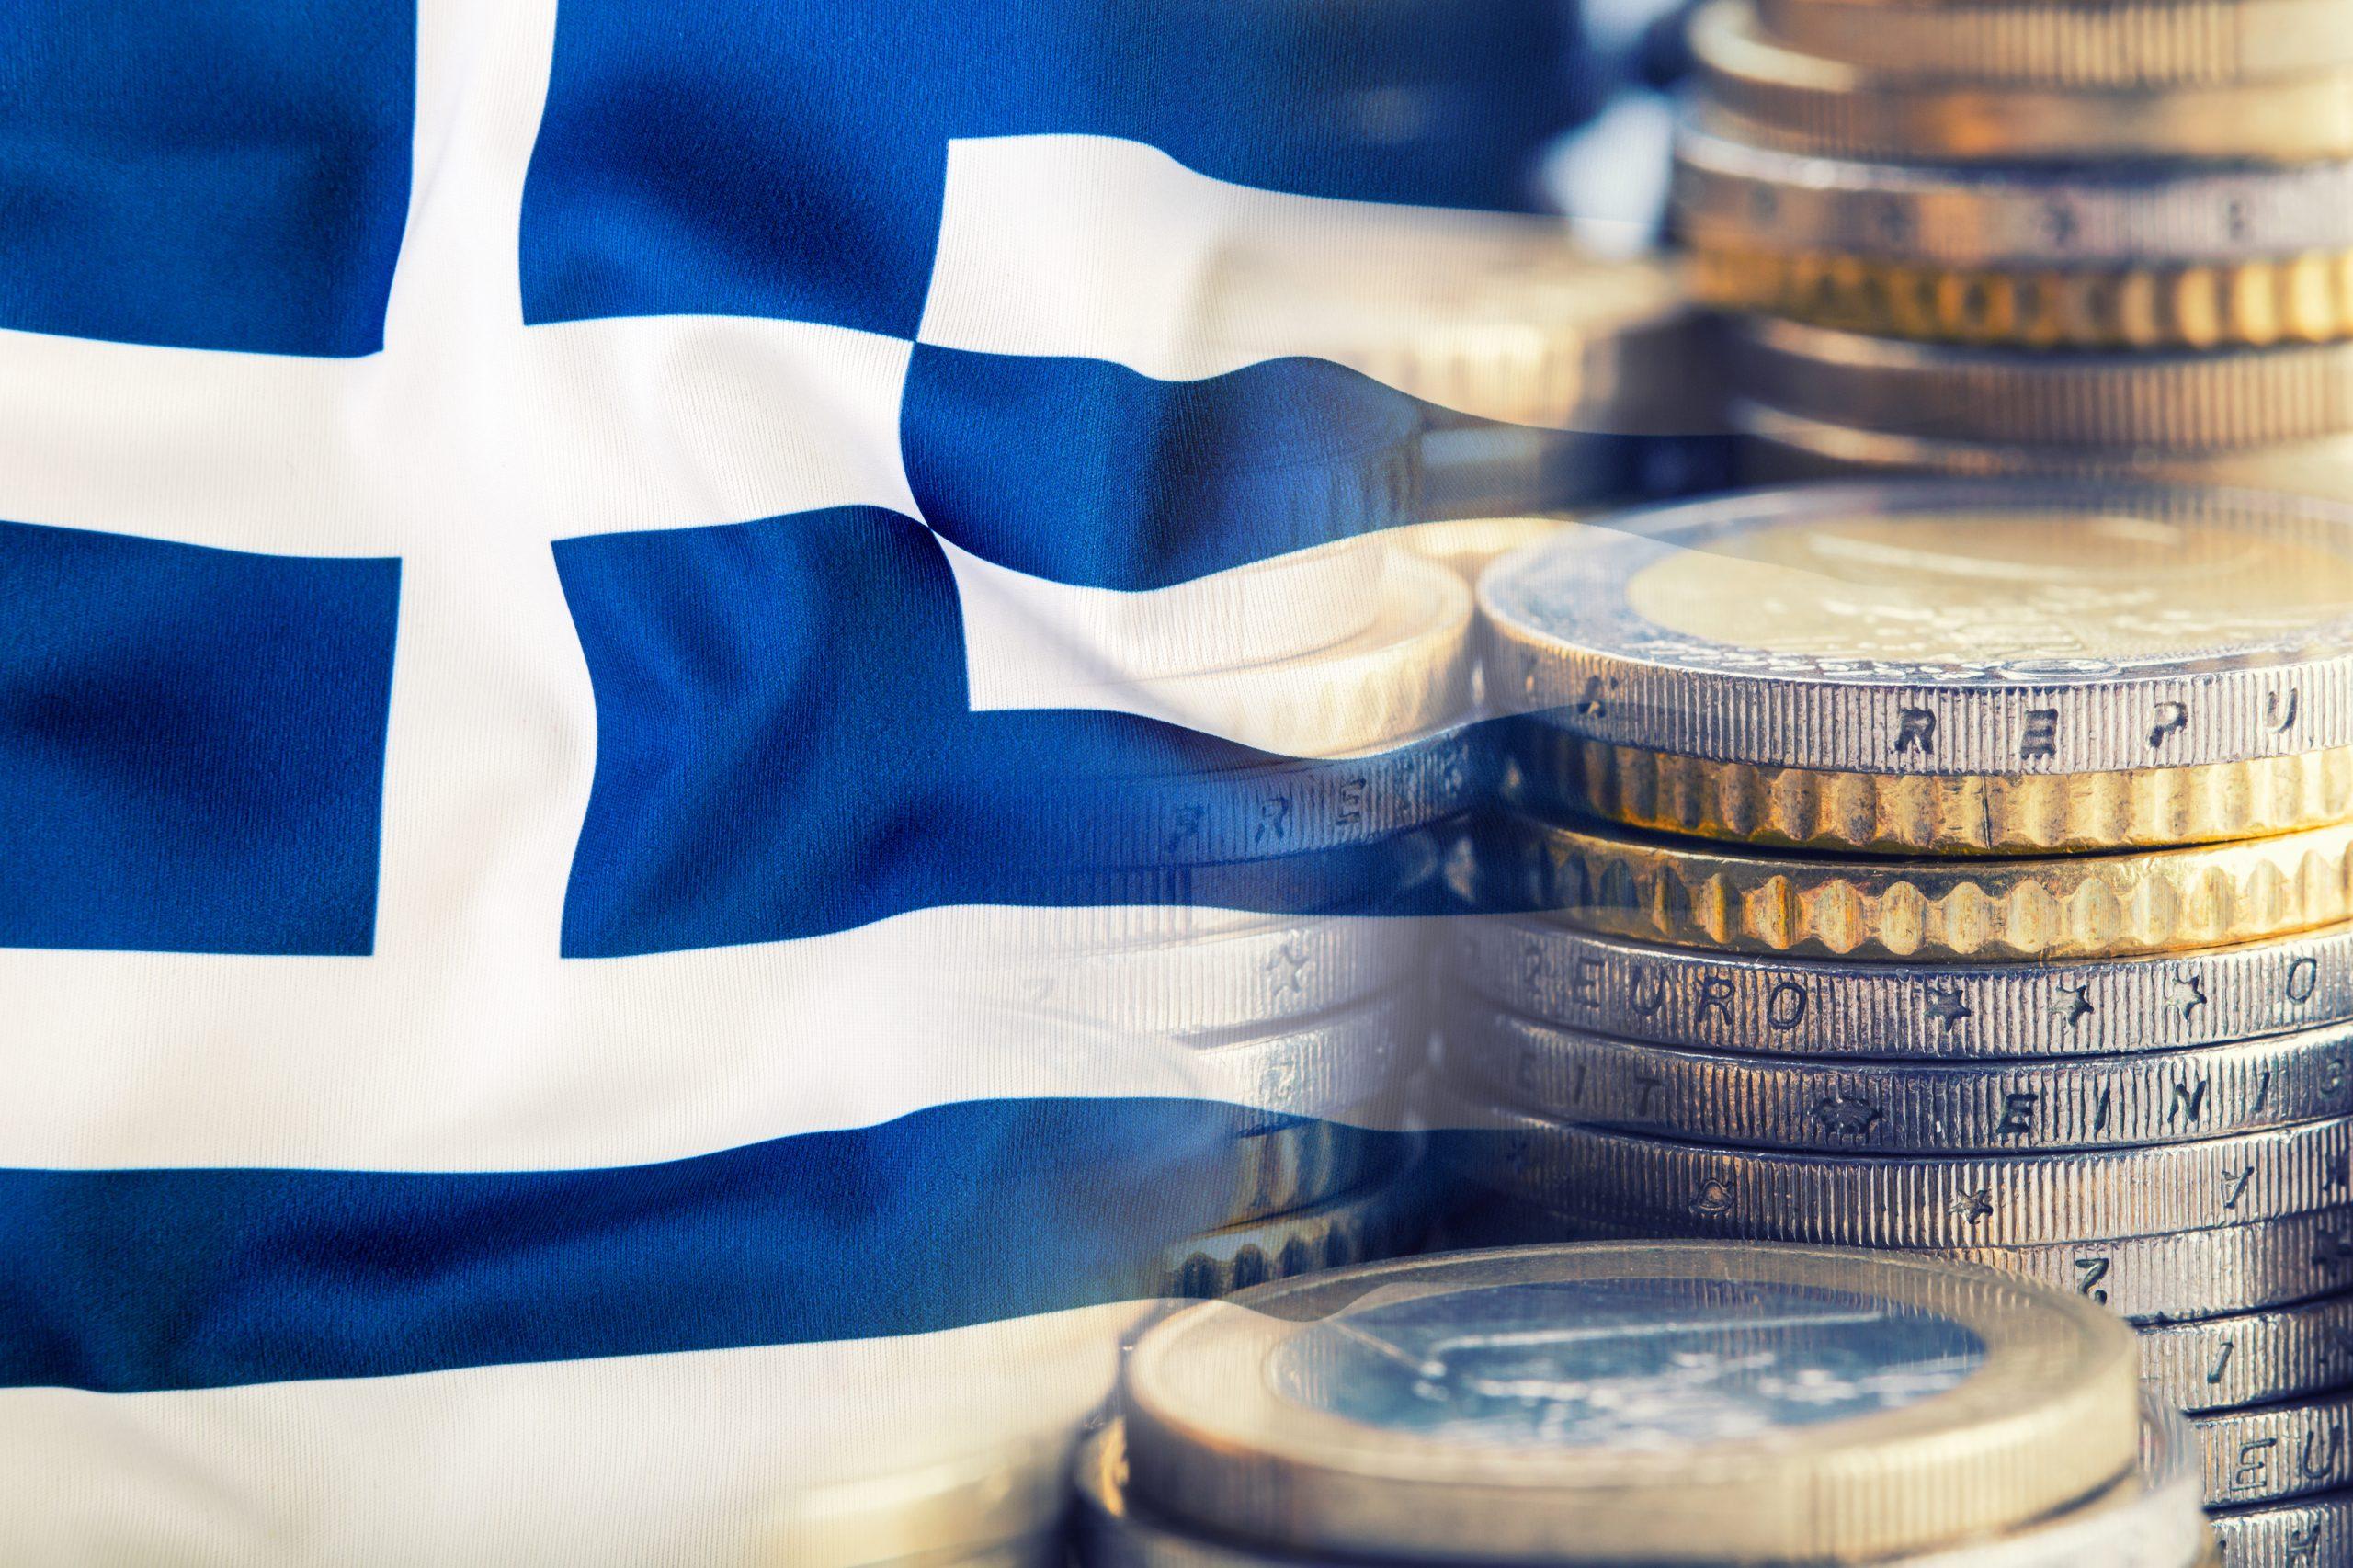 Costo de la gestación subrogada en Grecia: ¿Es caro o accesible?